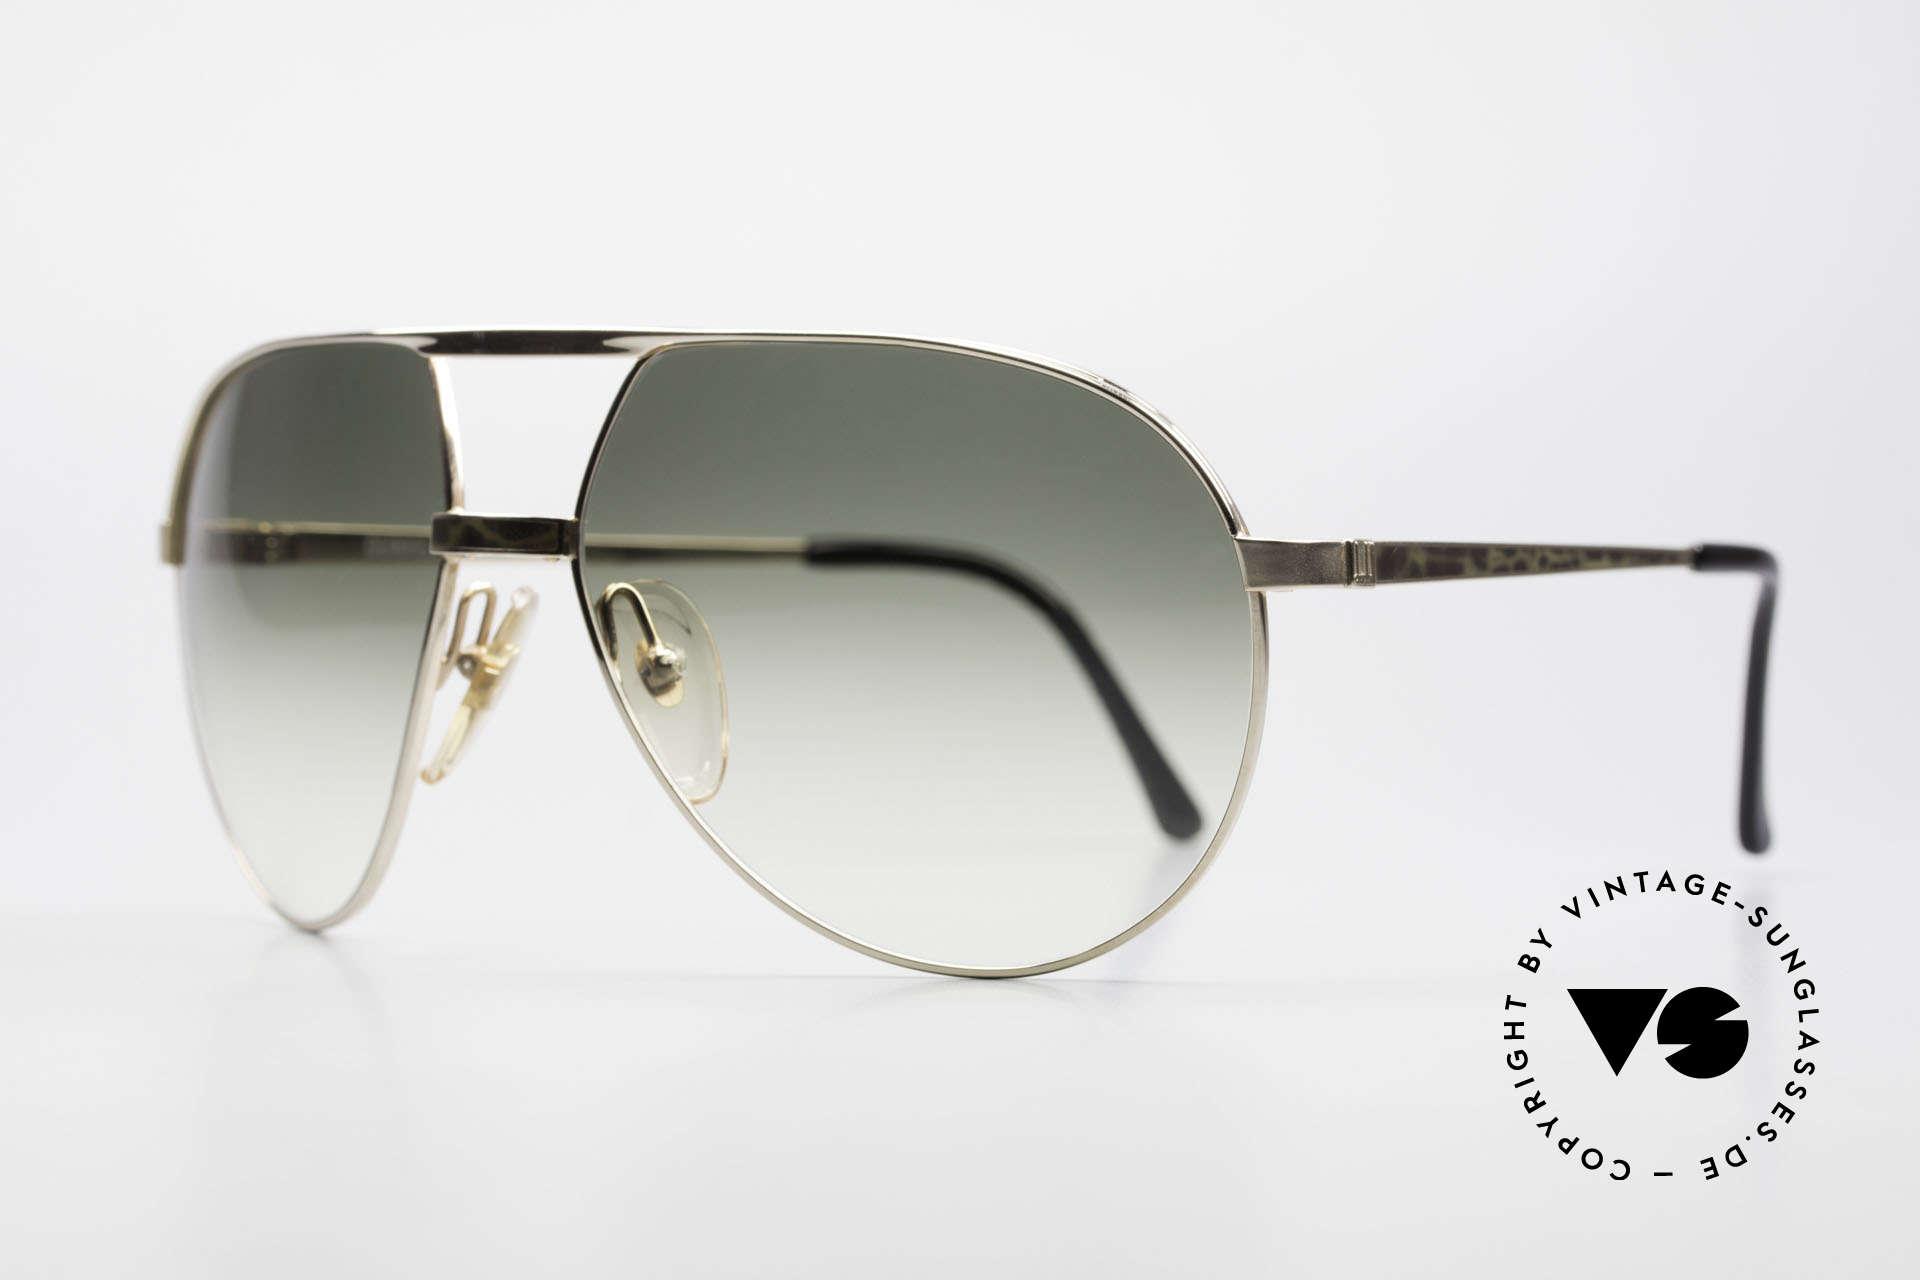 Dunhill 6042 80er Luxus Pilotenbrille Herren, unglaubliche Qualität & Verarbeitung (100% UV), Passend für Herren